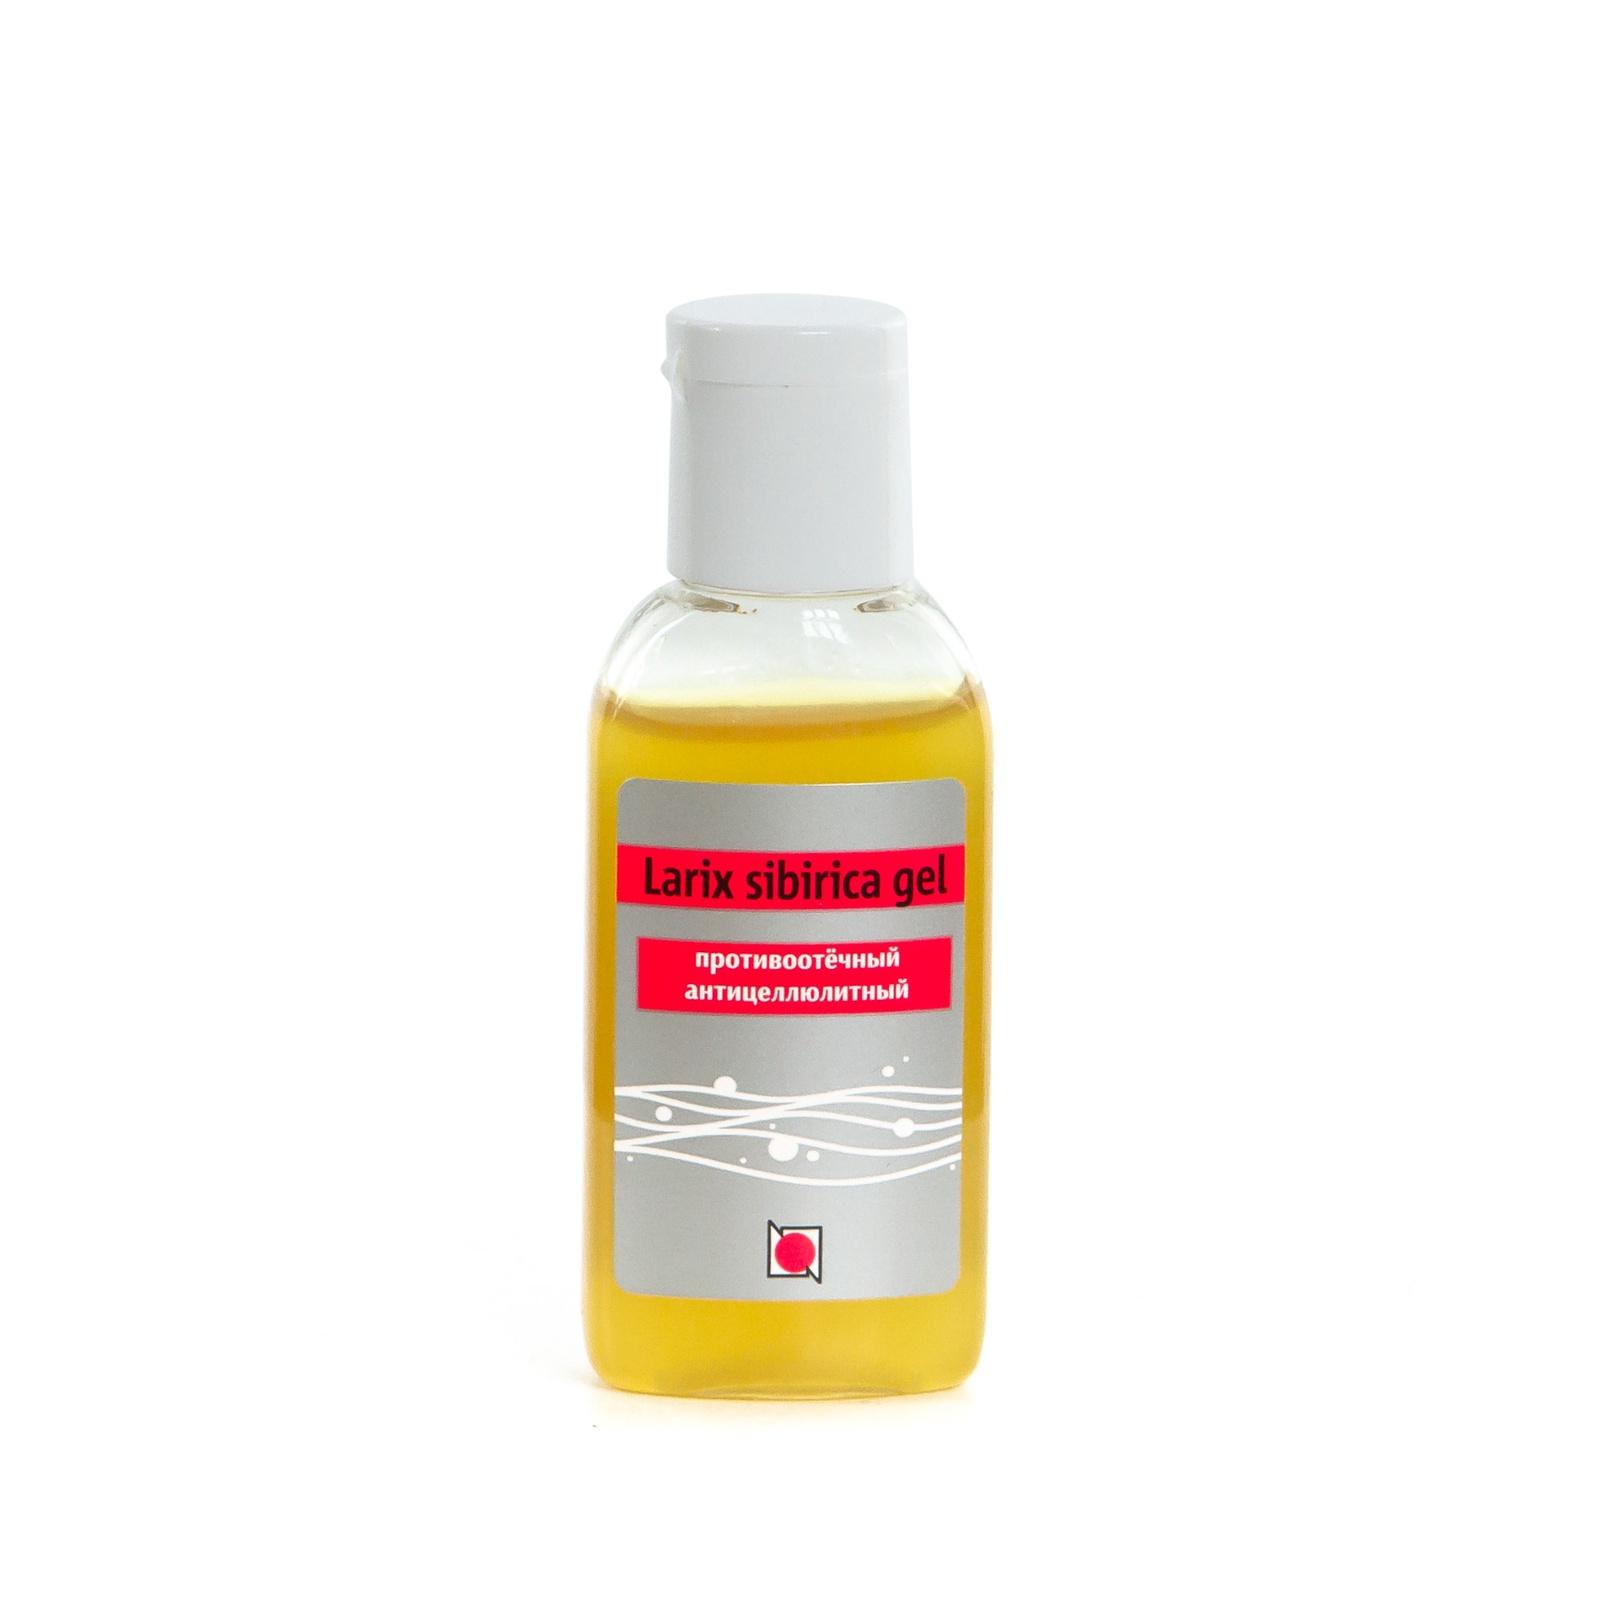 Ларикс гель антицеллюлитный противоотёчный, 50 мл Биофлавоноид дигидрокверцетин, восстанавливает капиллярныиР?...